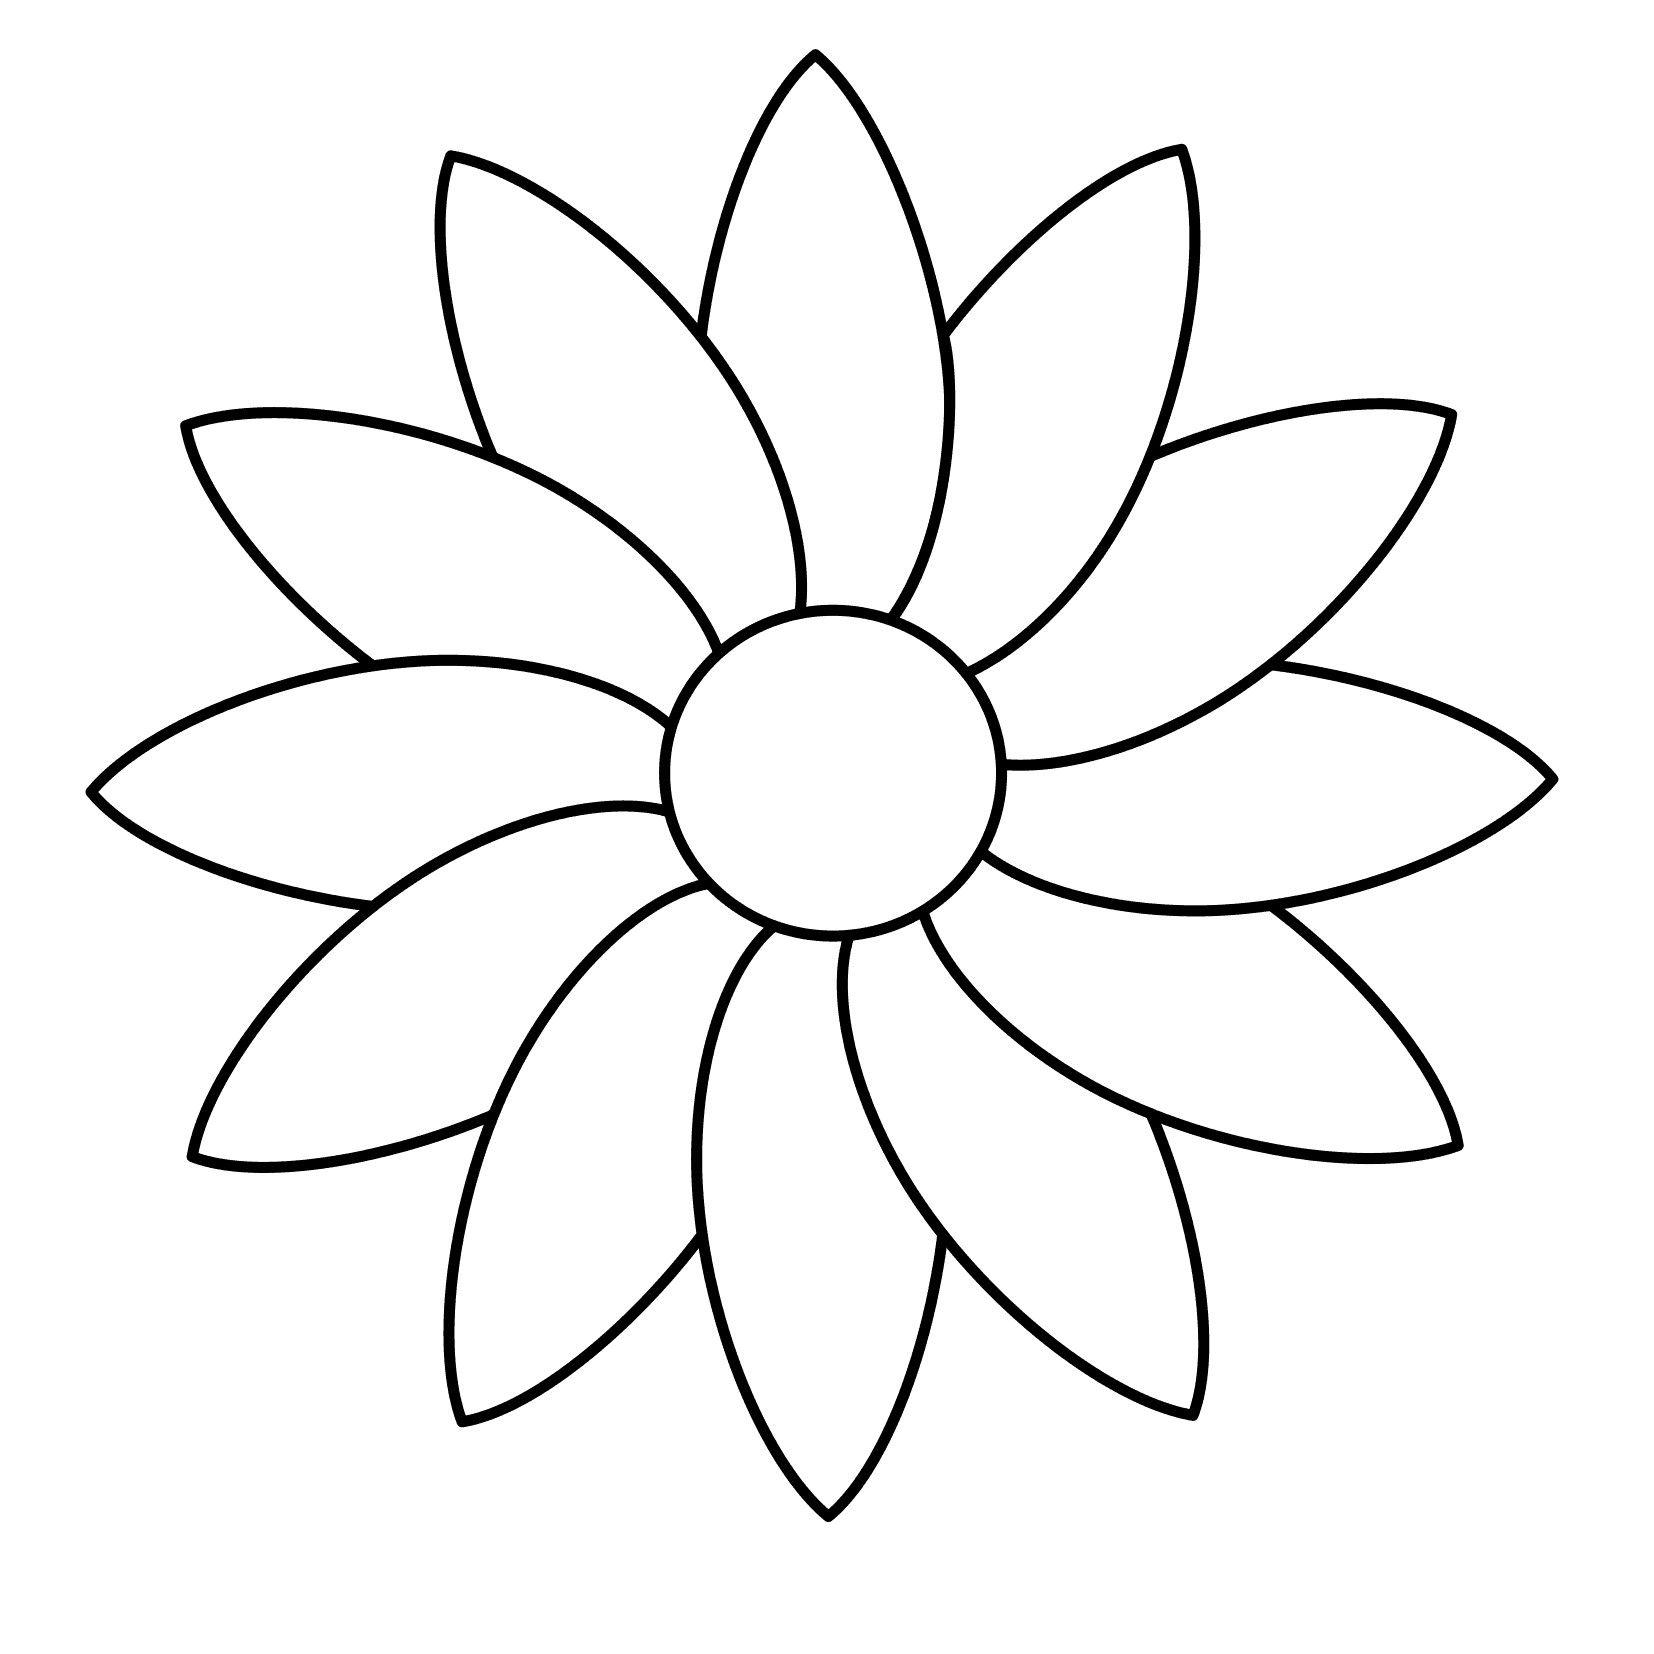 Malvorlagen Blumen